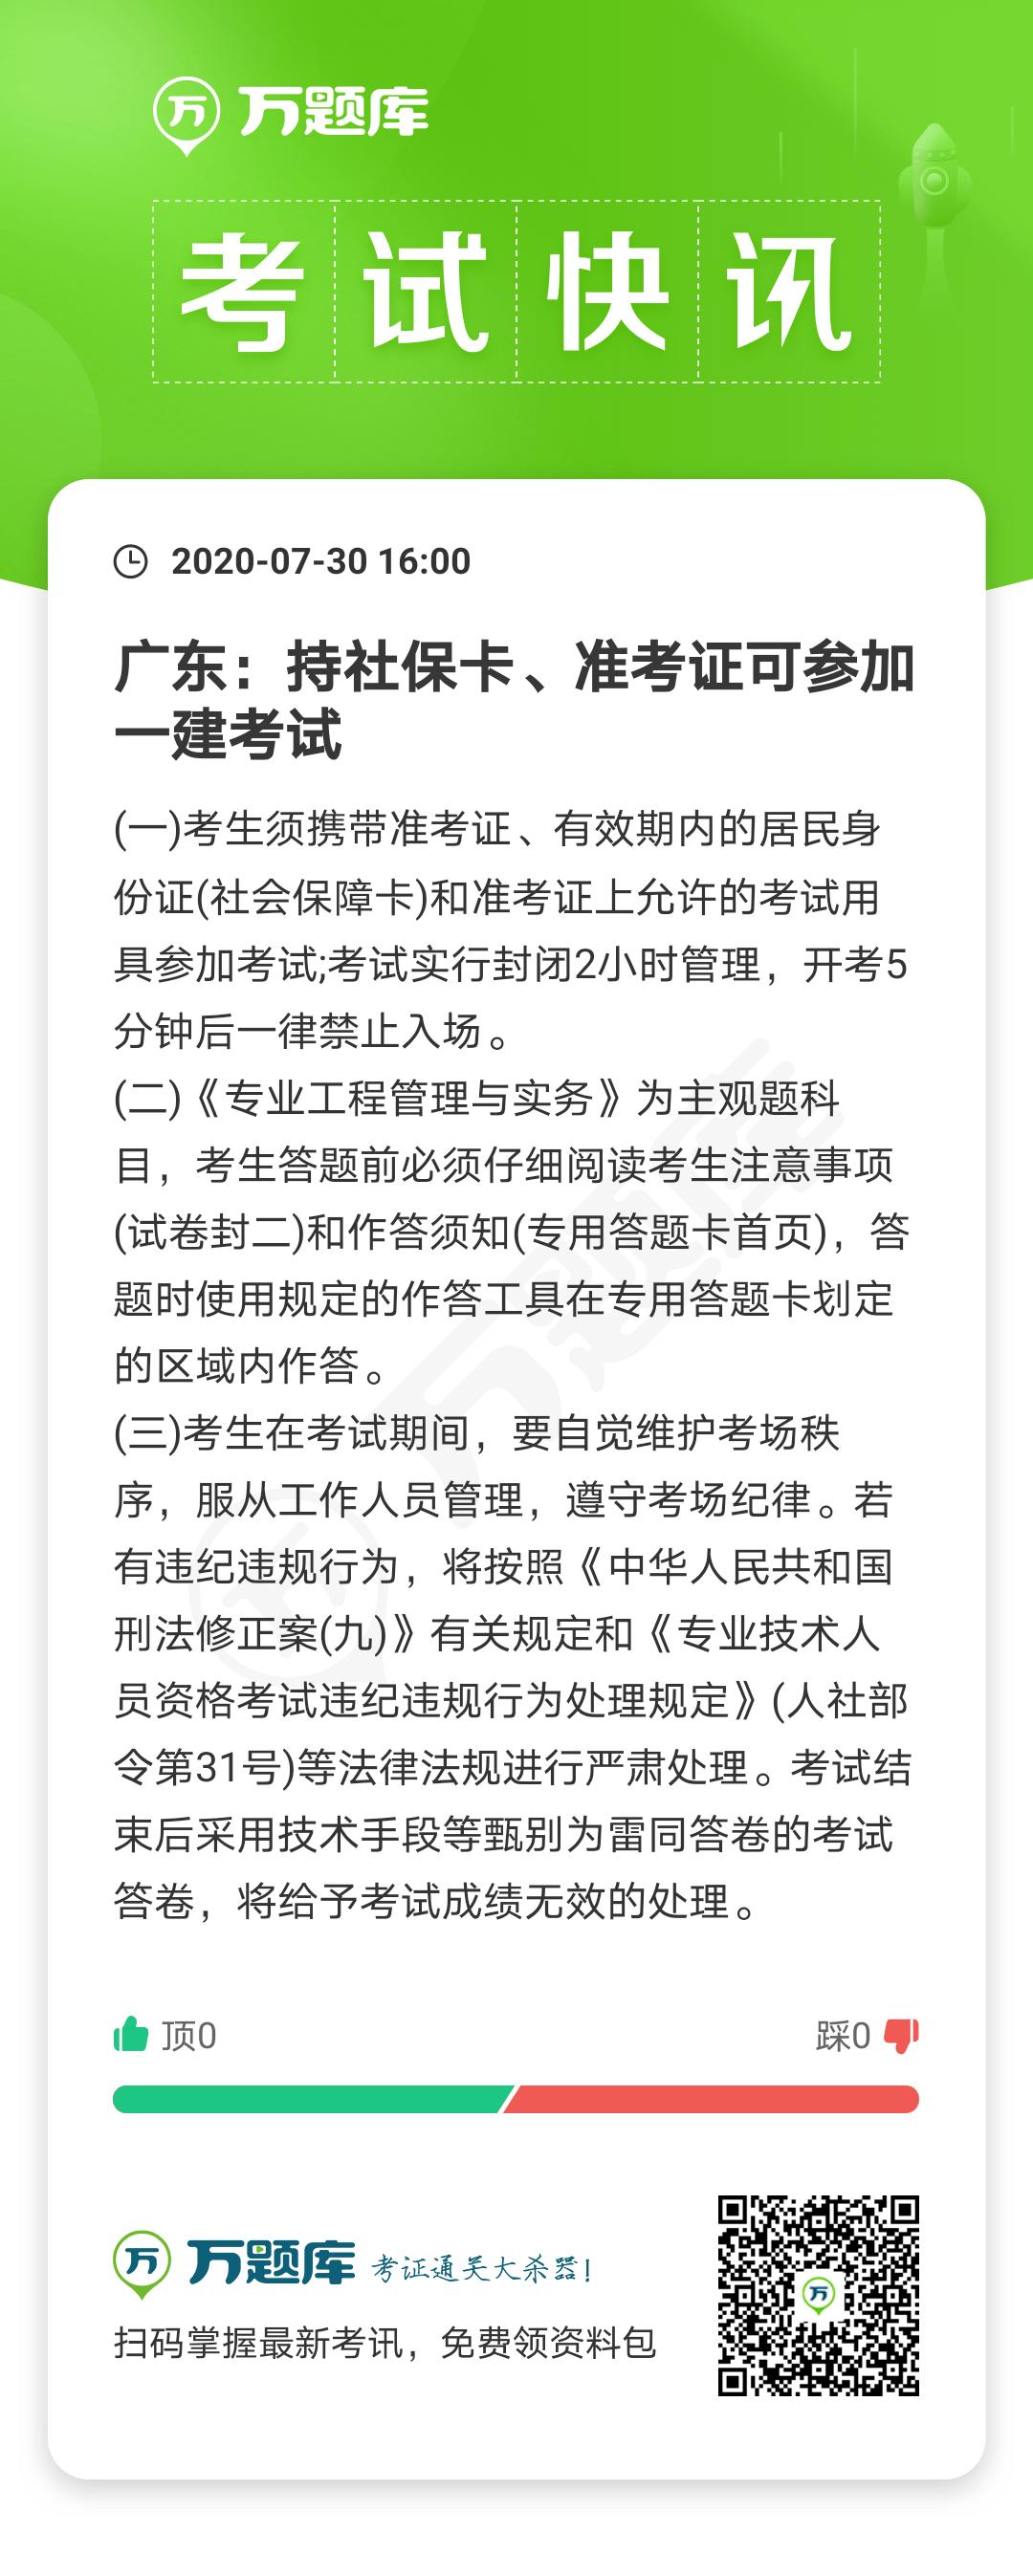 广东:持社保卡、准考证可以参加2020一建考试